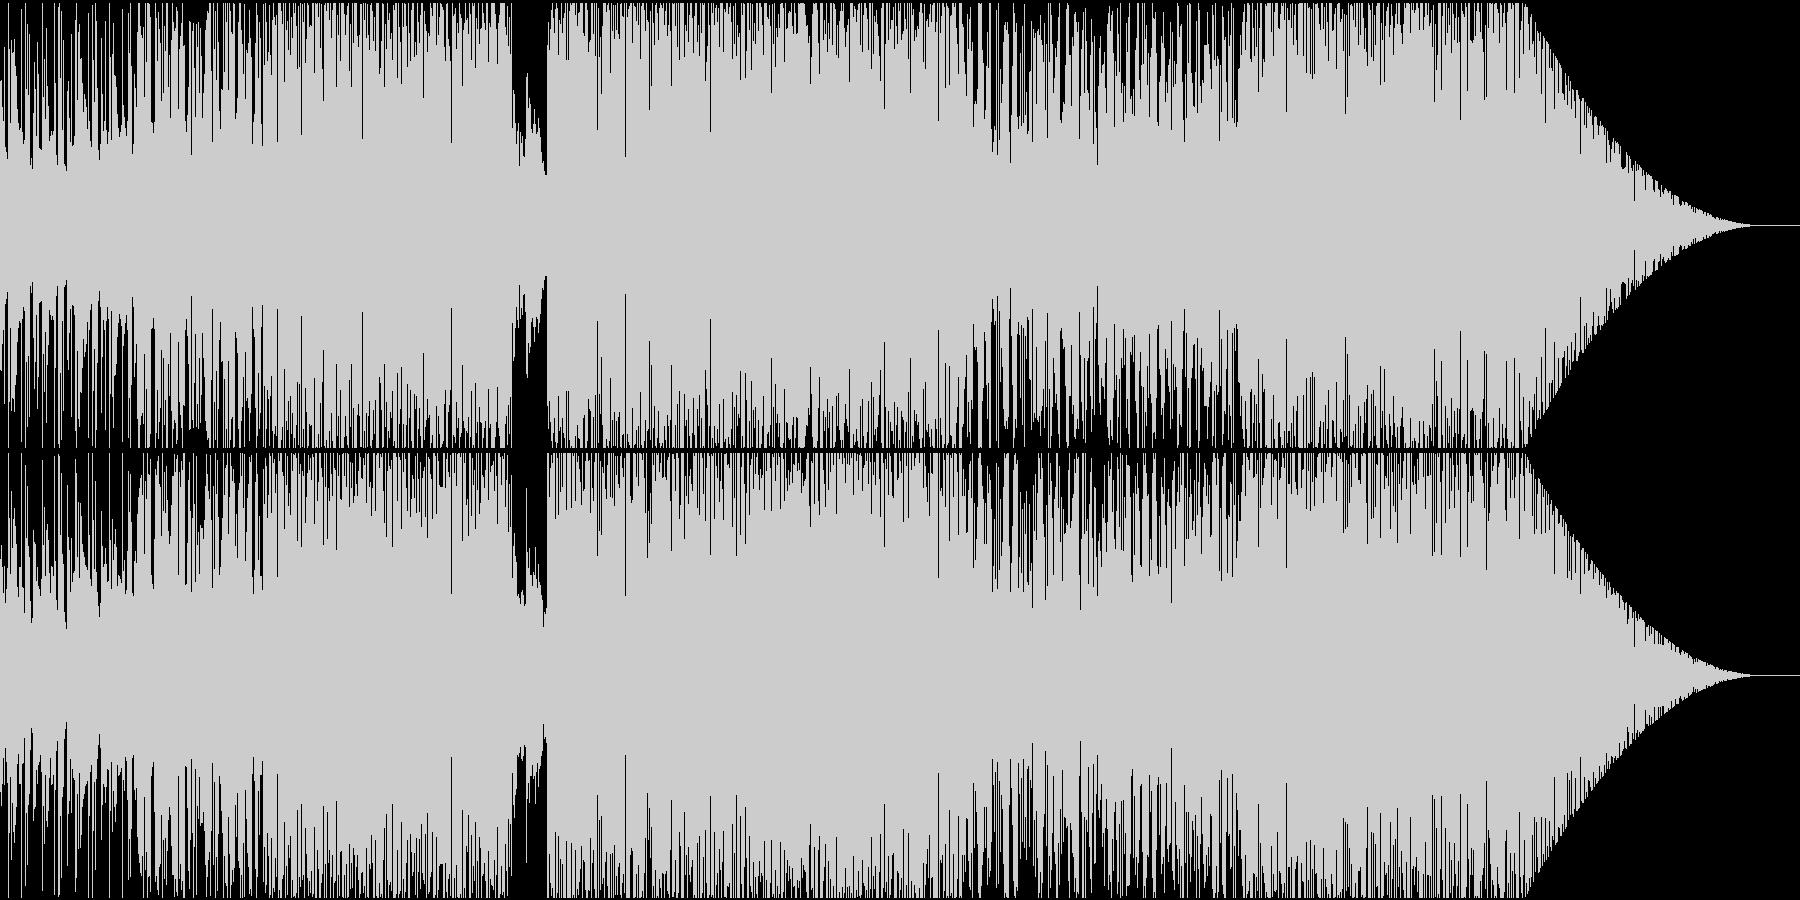 じんわりと肌寒いエレクトロニカの未再生の波形